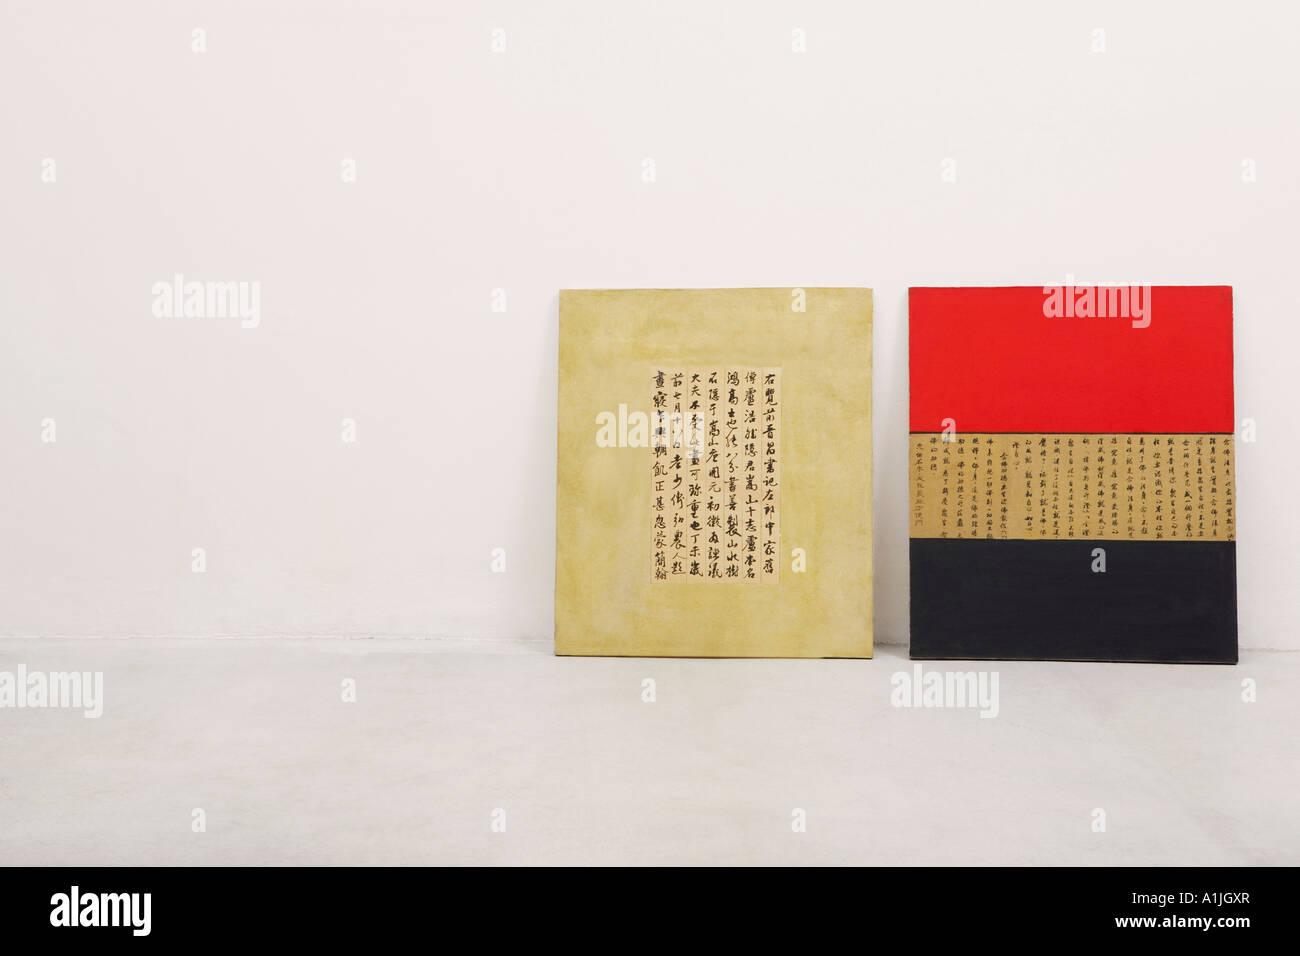 Script escrito en chino en dos losas de mármol Imagen De Stock